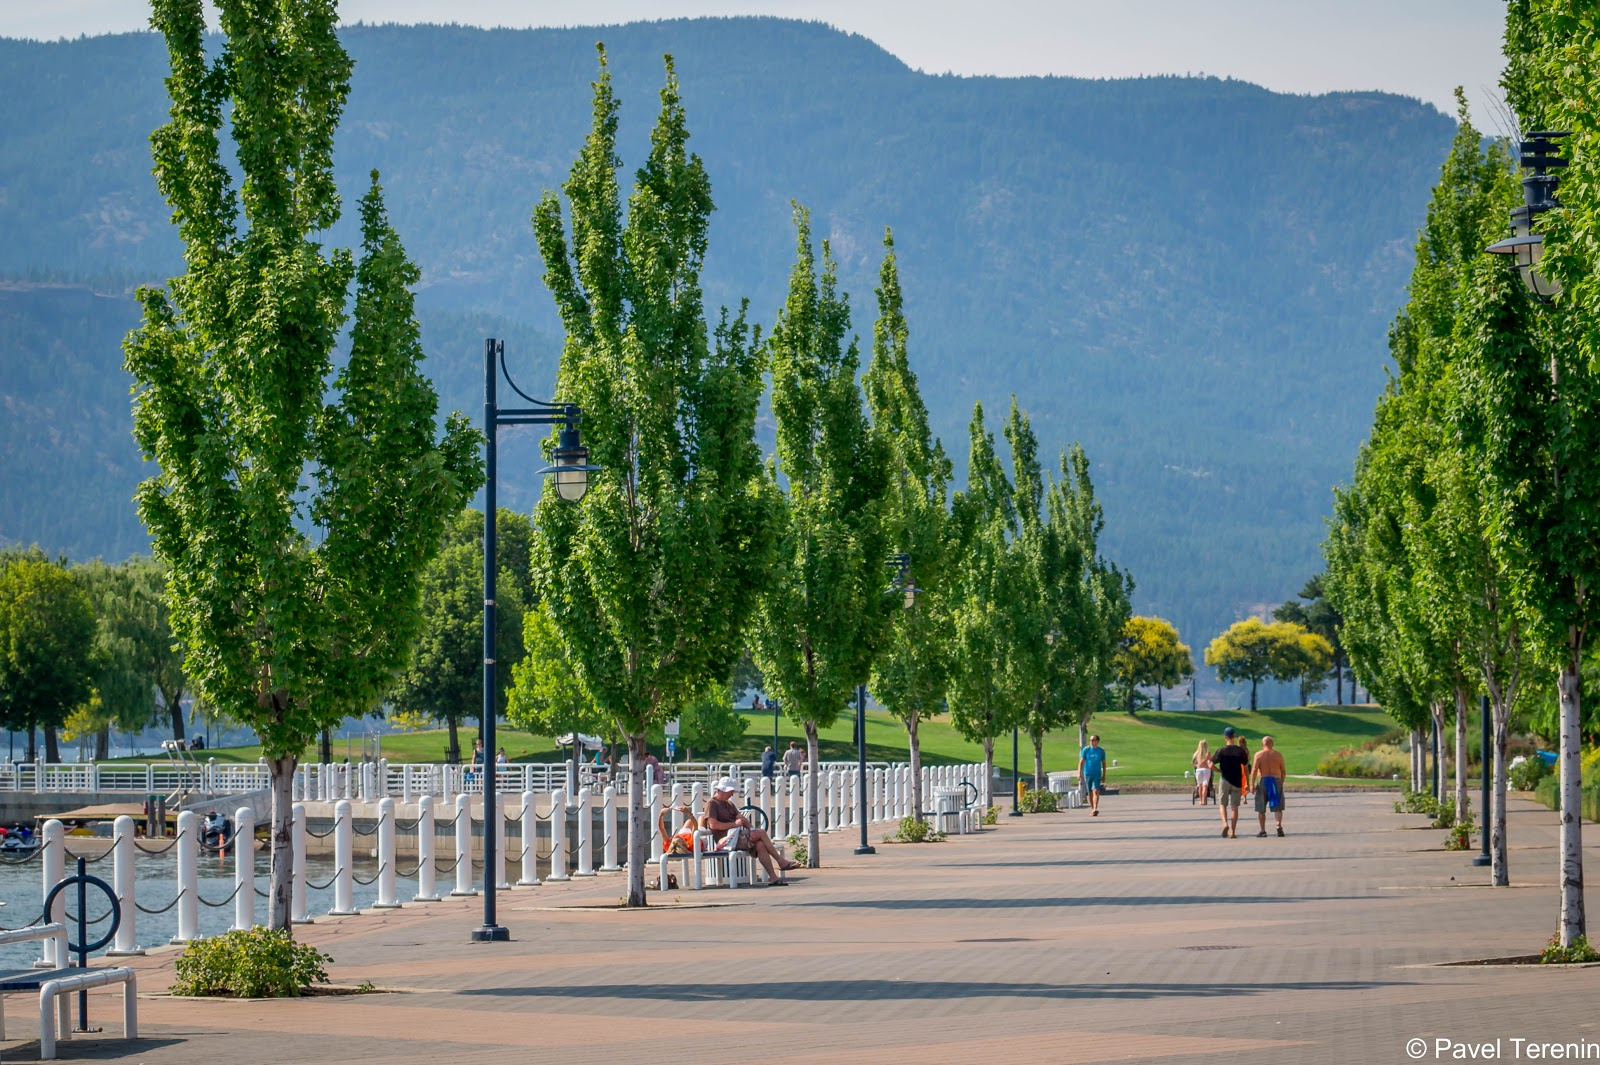 Набережная достаточно зелёная, очень приятная для летних прогулок.